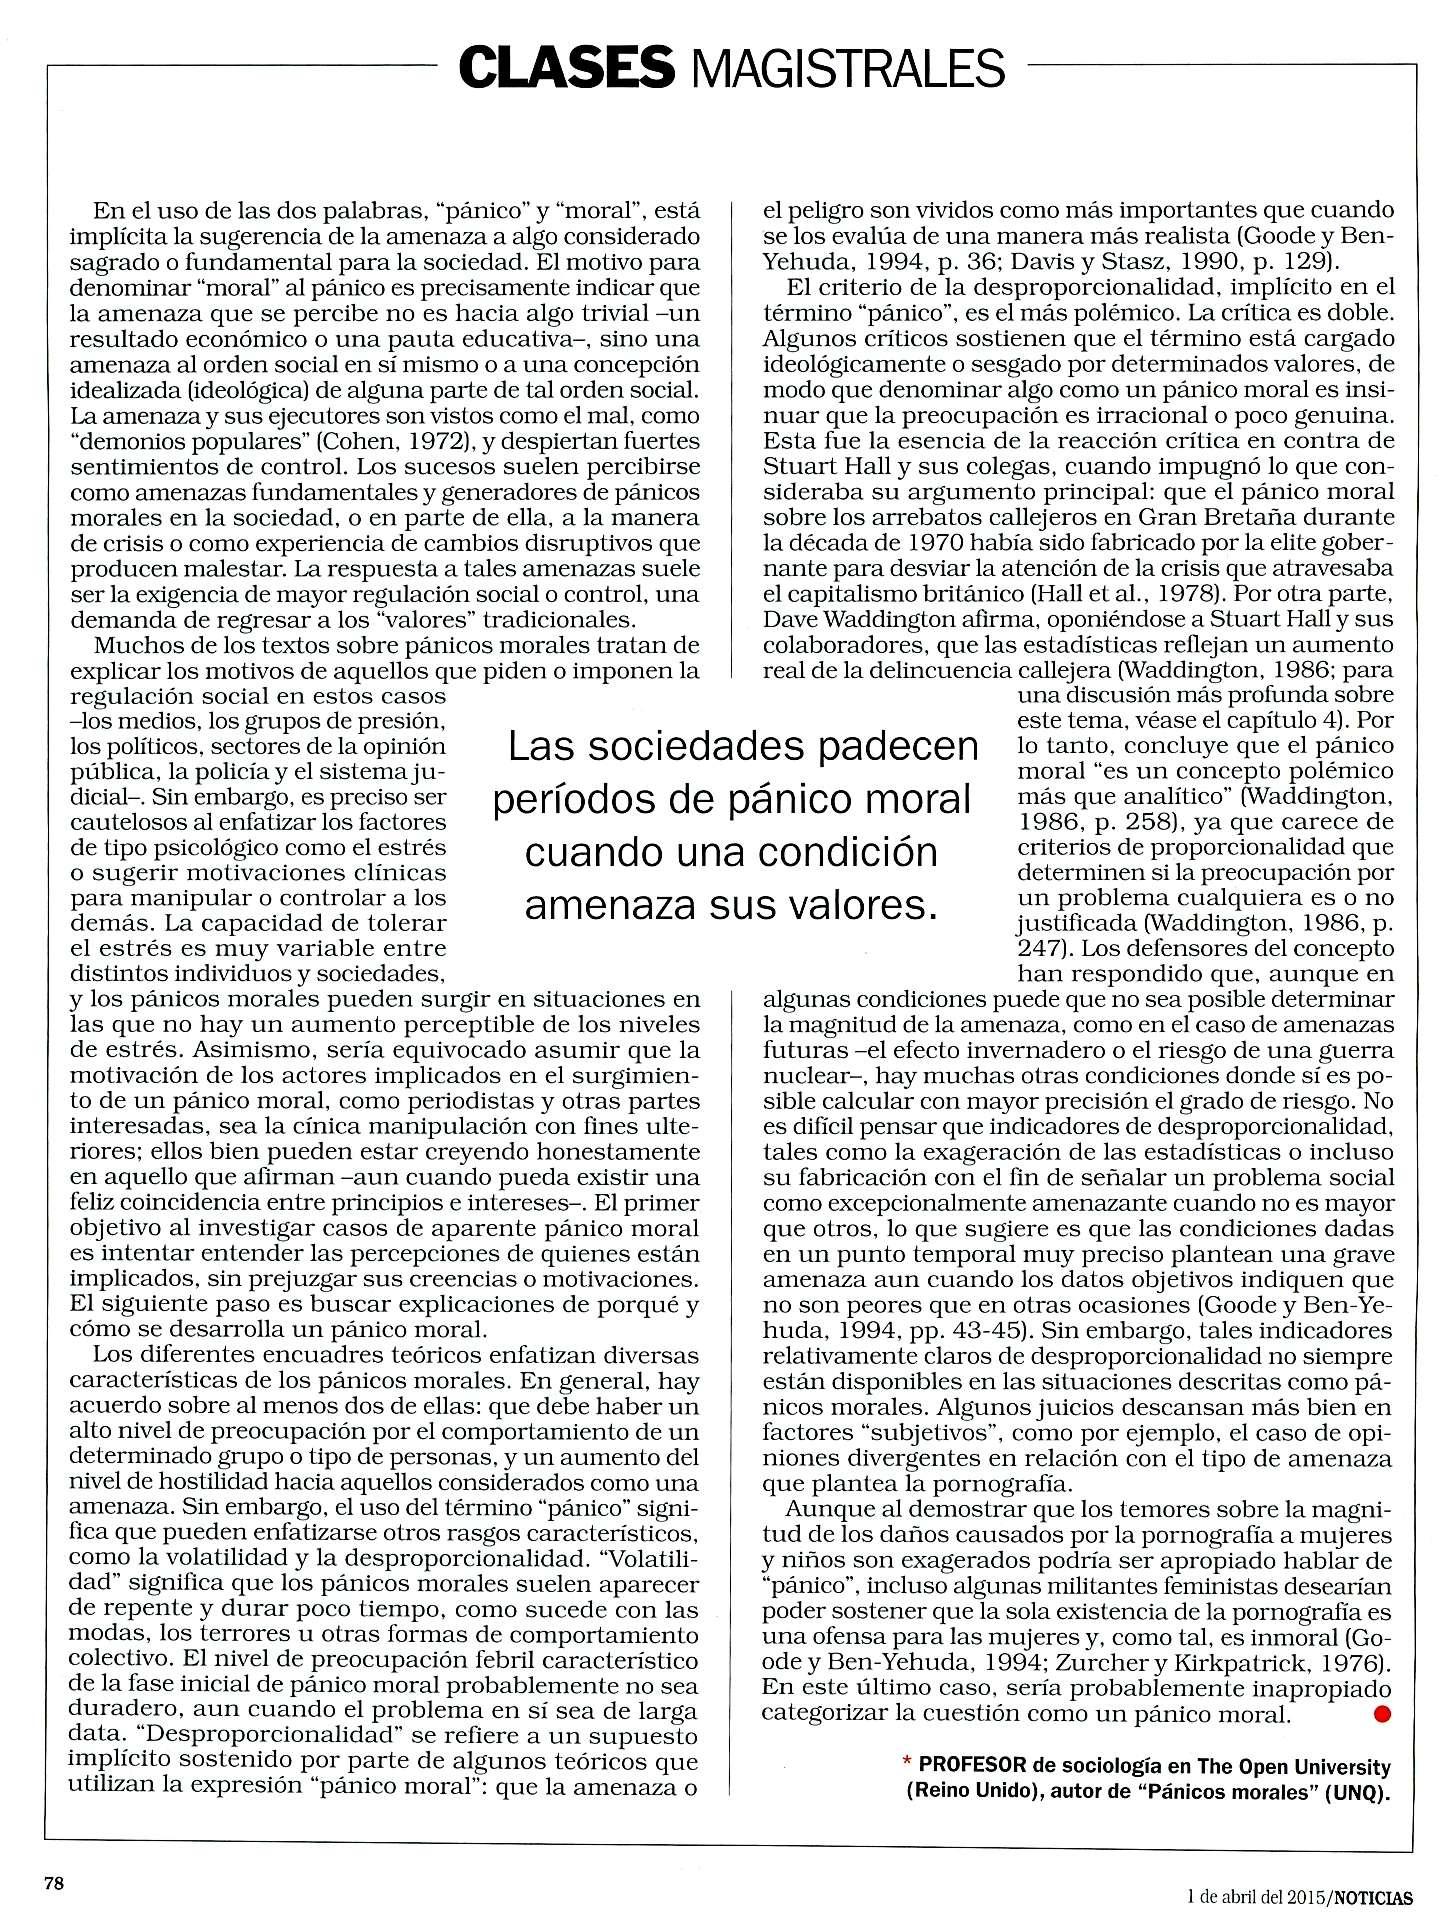 NOTICIAS, 1 DE ABR.5